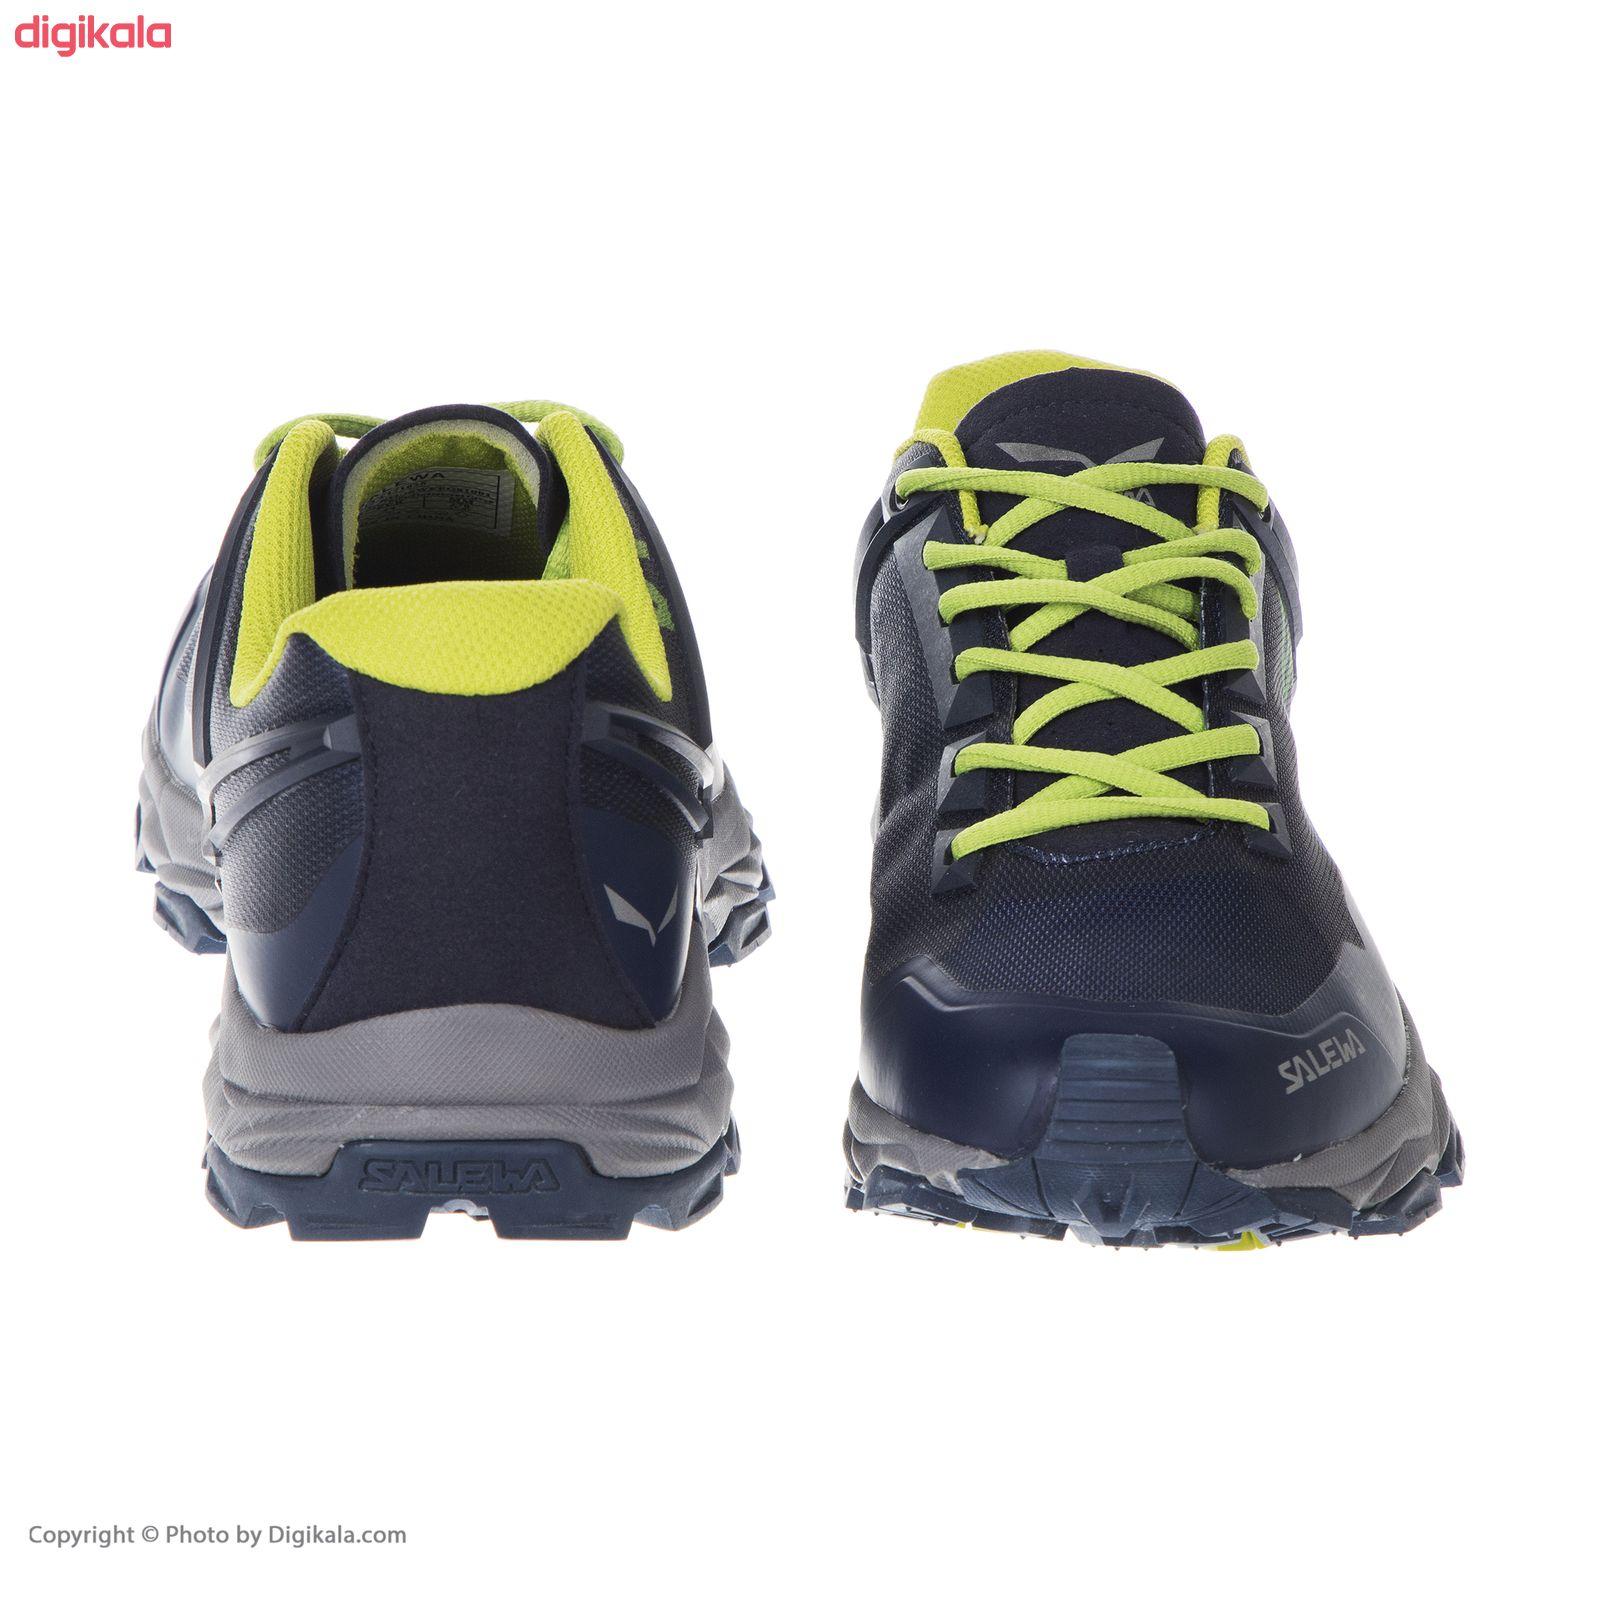 کفش کوهنوردی مردانه  سالیوا کد EM-5478 main 1 3